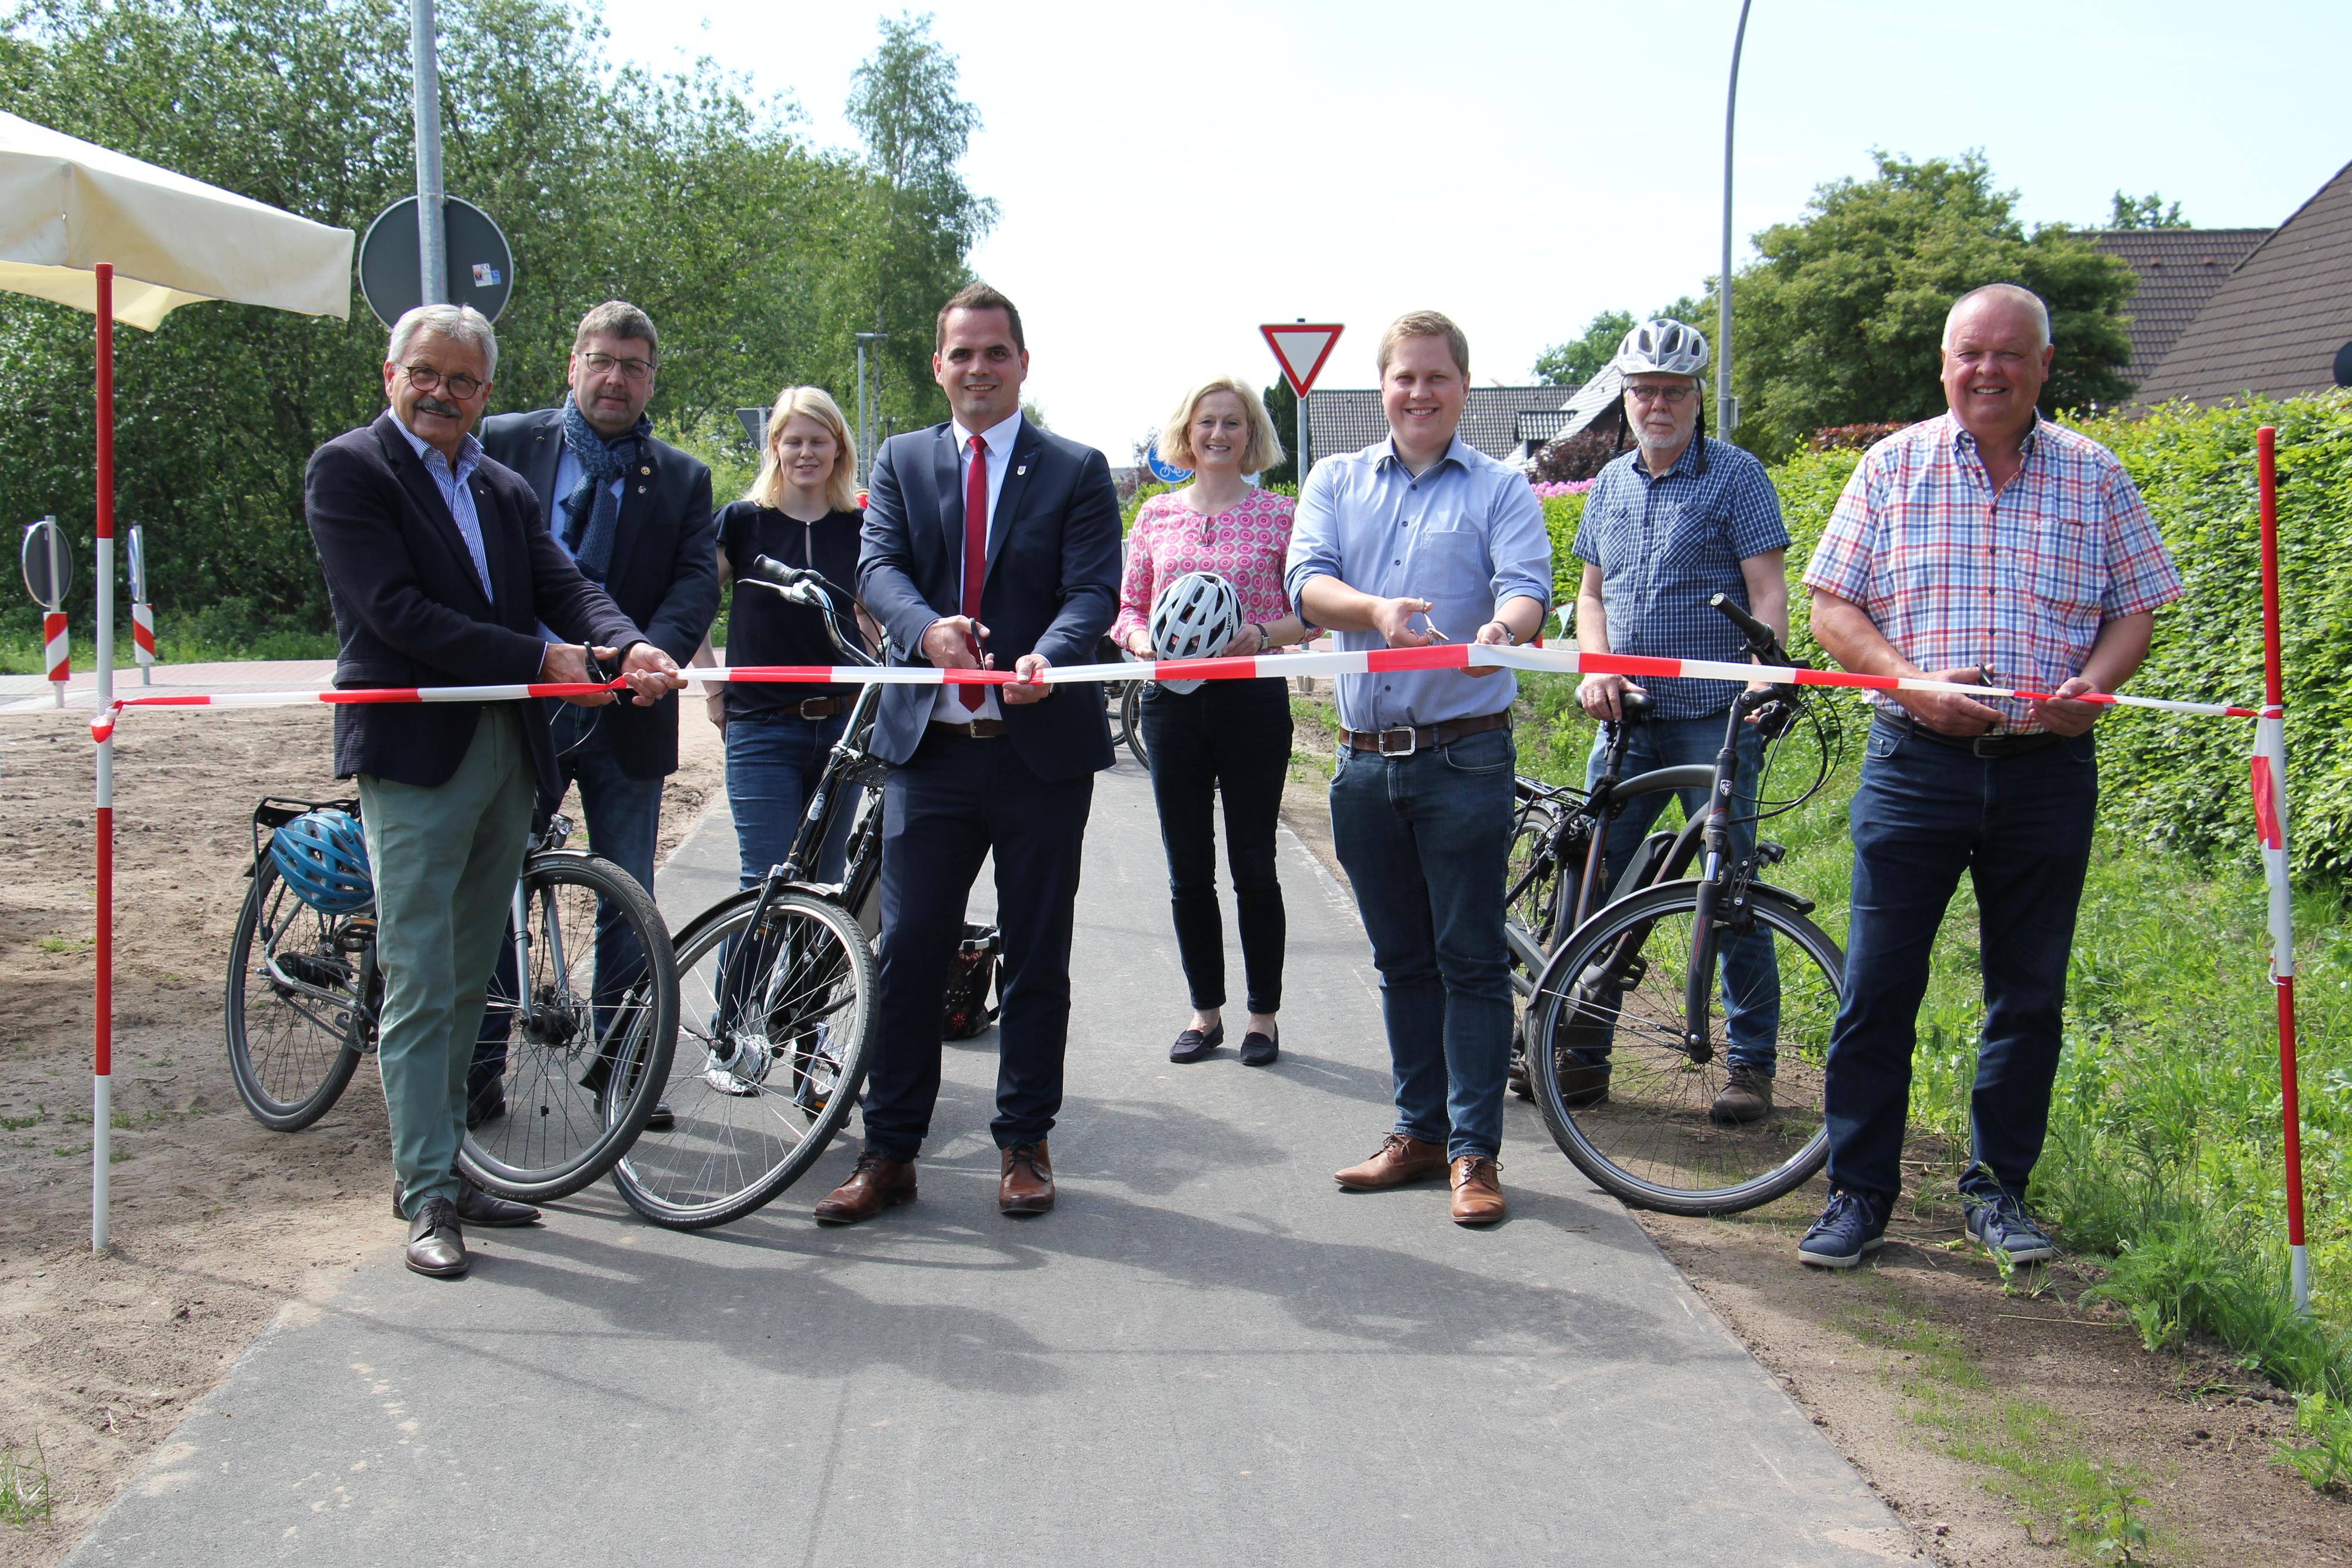 Neues Angebot für Pedalritter: Bürgermeister Kristian Kater (4.v.l.) weihte gemeinsam mit Vorgänger Helmut Gels (l.) und mehreren Fraktionsvertretern den neuen Radweg ein. Foto: Speckmann